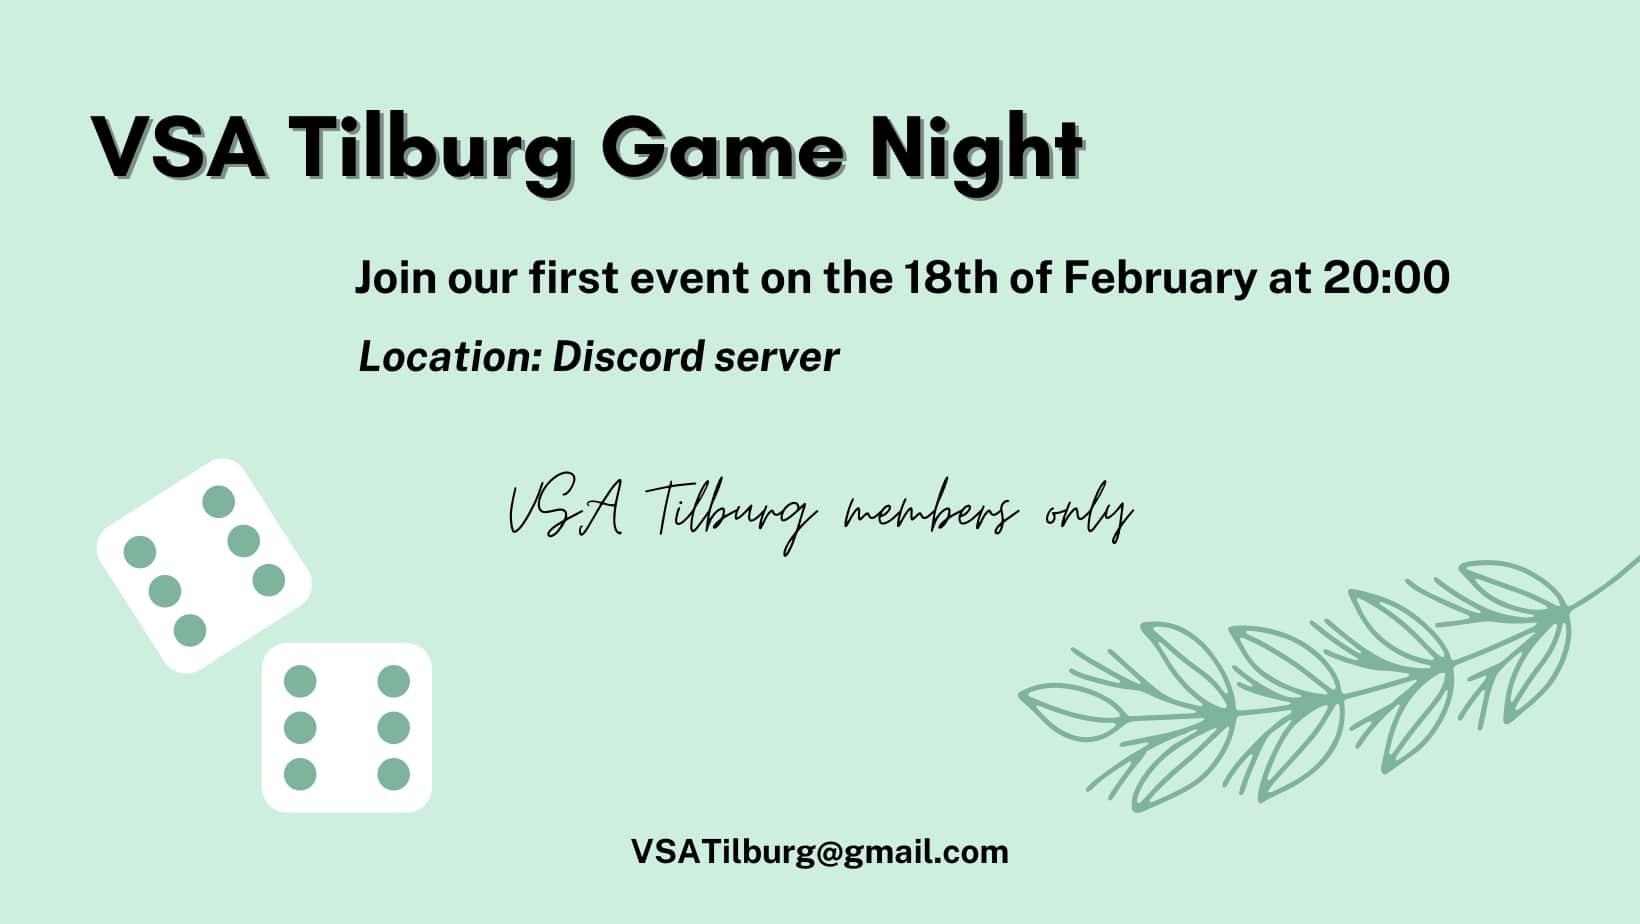 Het eerste evenement van VSA Tilburg.